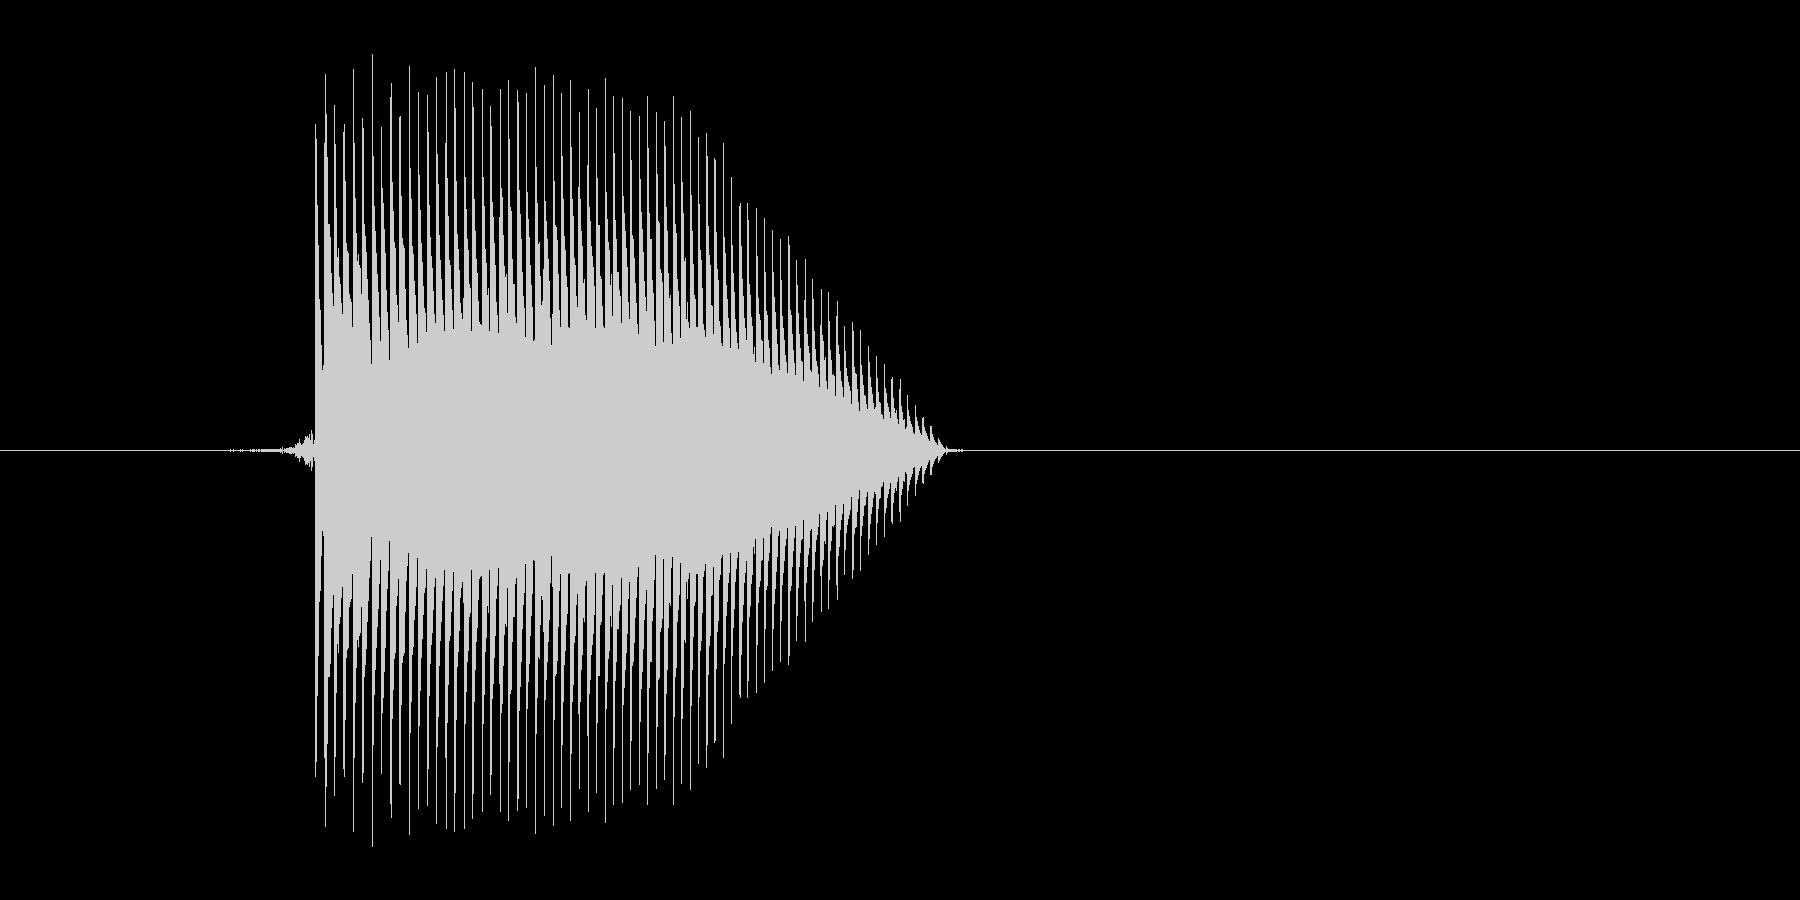 ゲーム(ファミコン風)ジャンプ音_008の未再生の波形